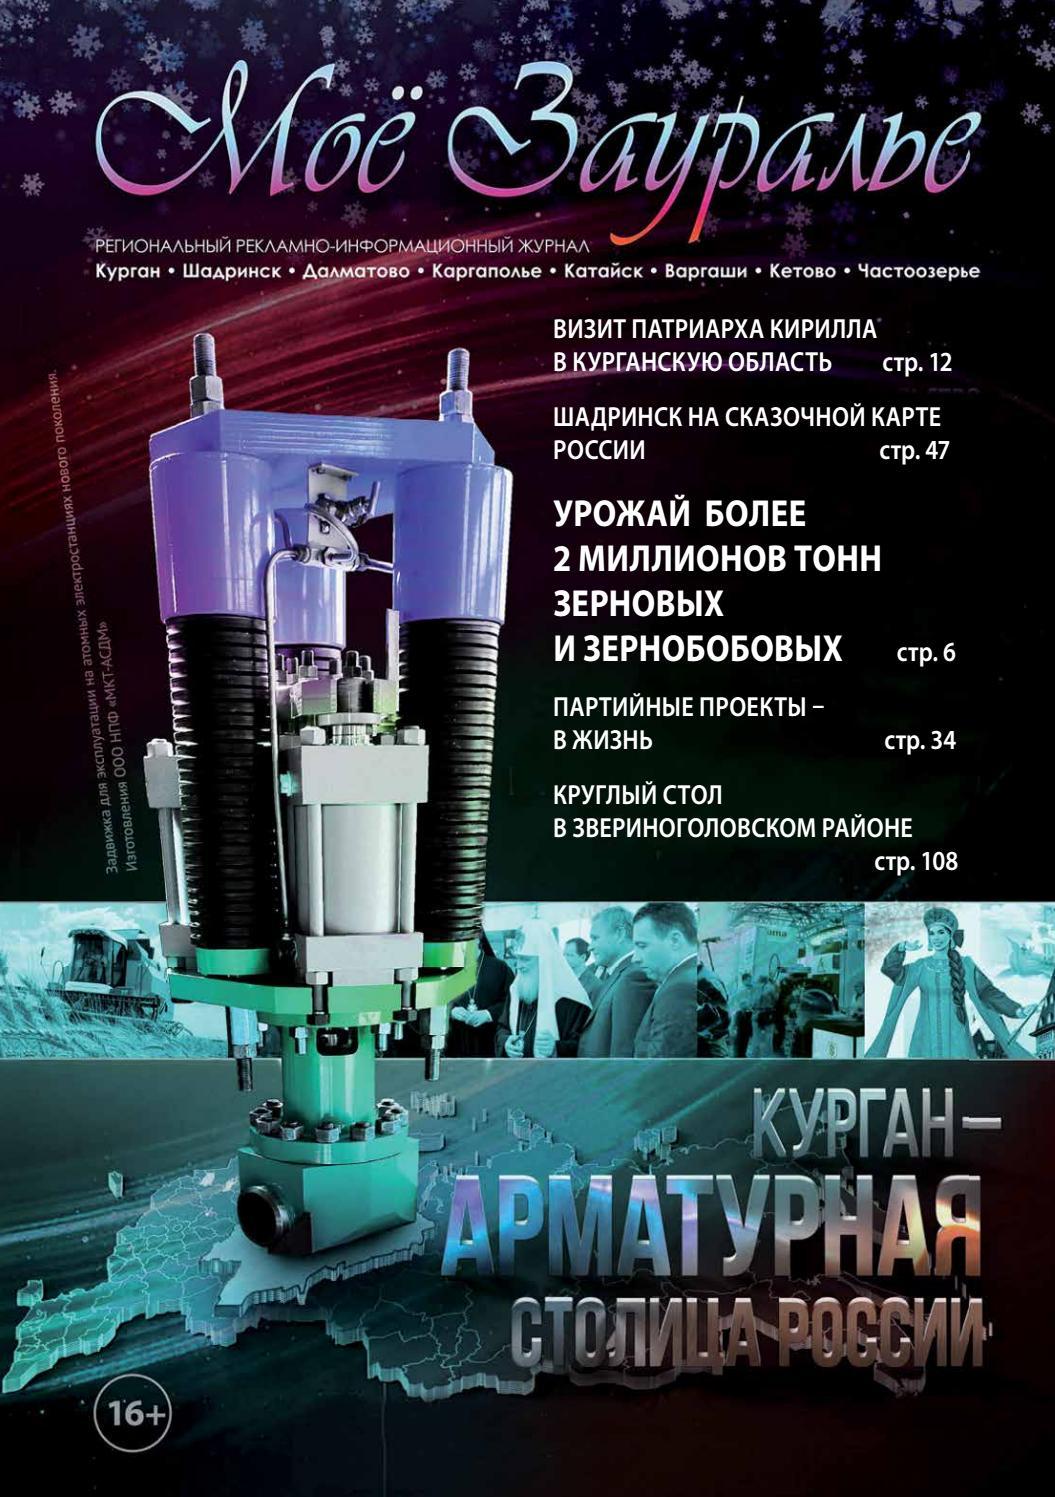 Петуховский элеватор курганская область официальный сайт самые большие элеваторы в казахстане